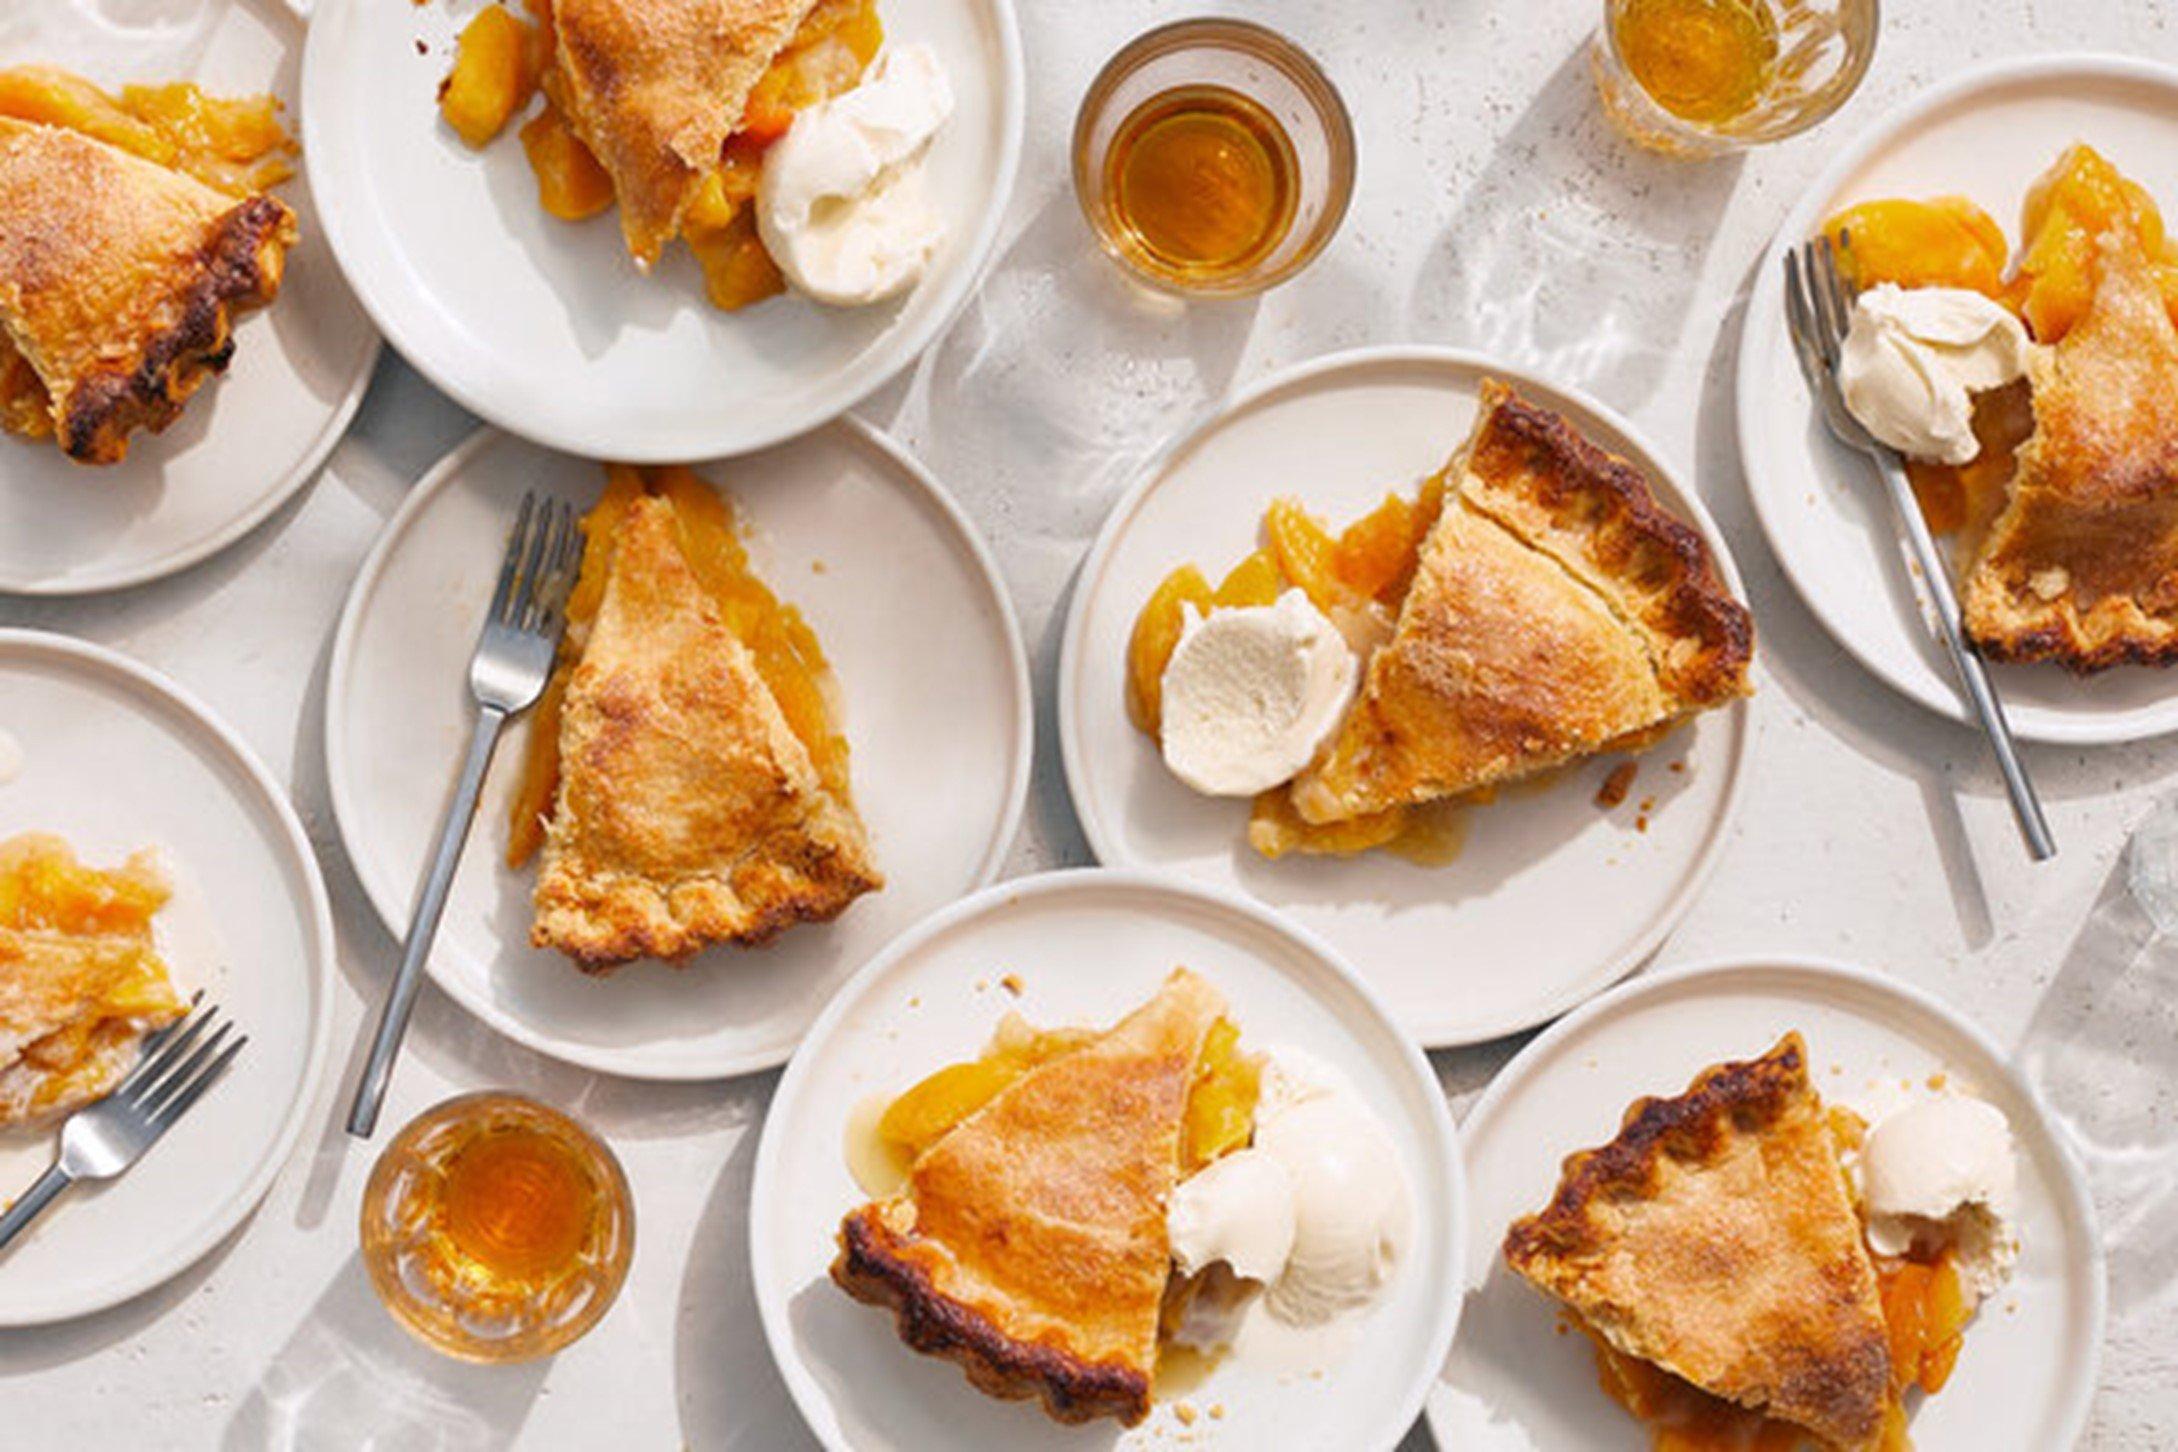 images of peach pie